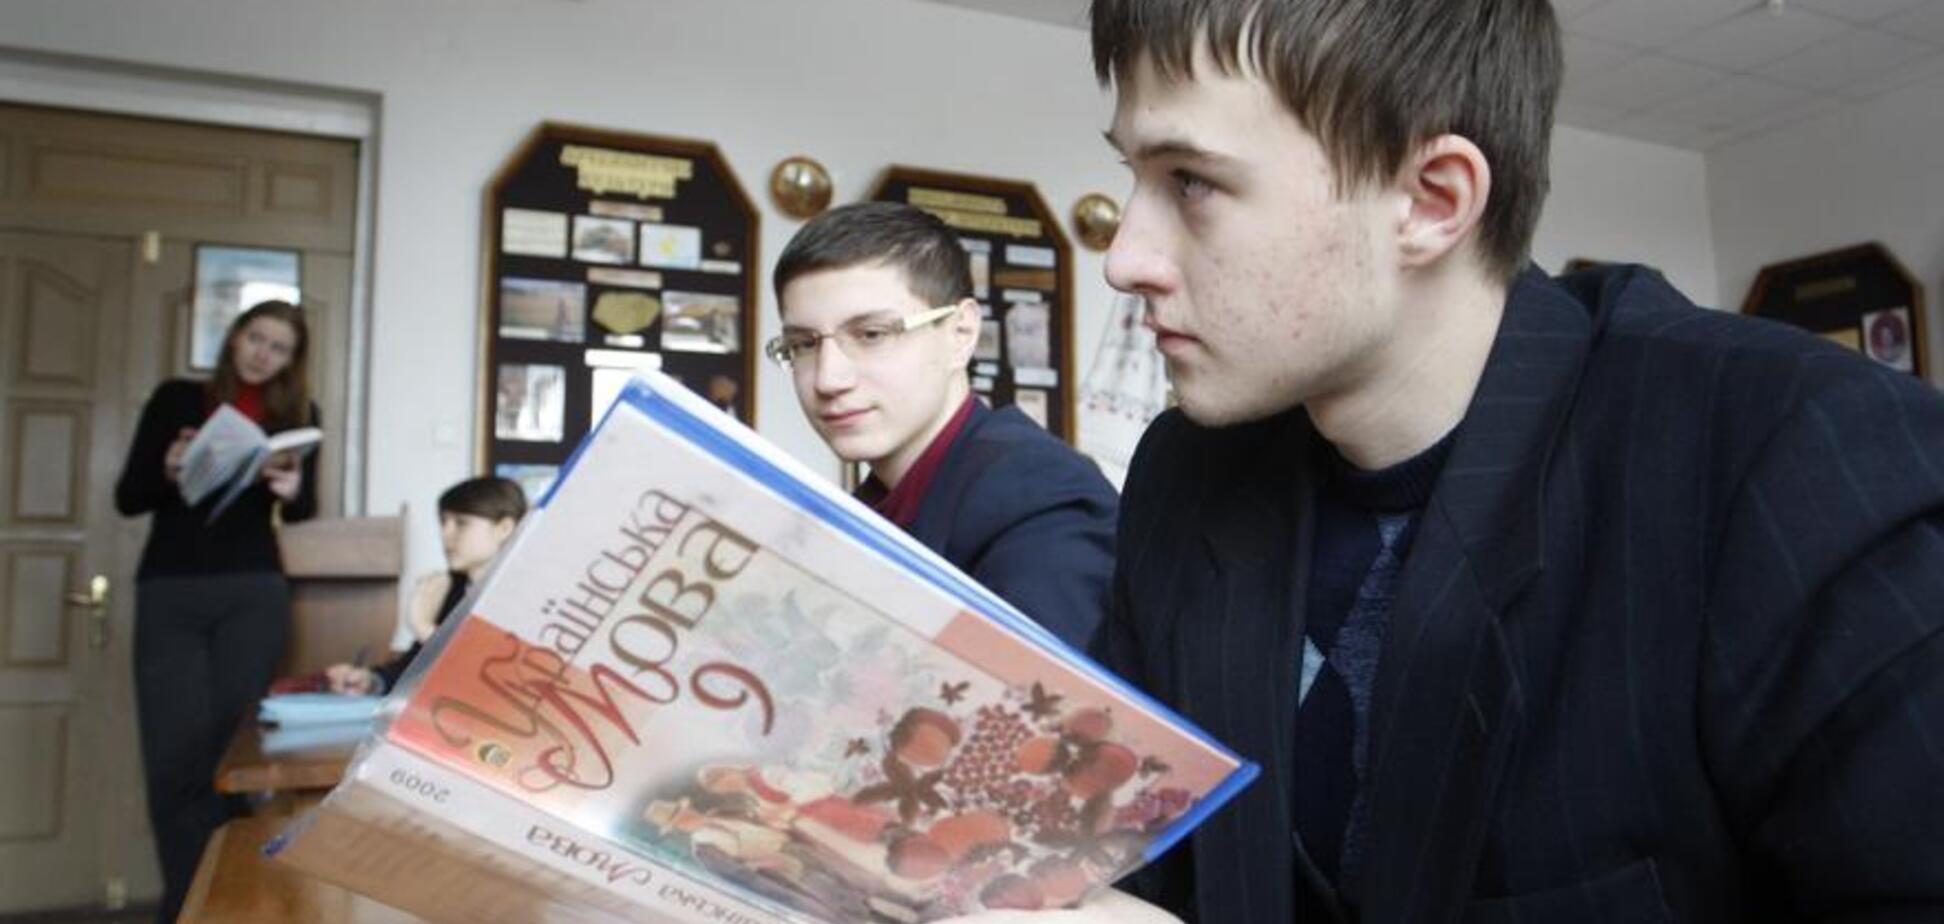 'Ущемление русскоязычных': в МИД России заистерили из-за украинской реформы образования